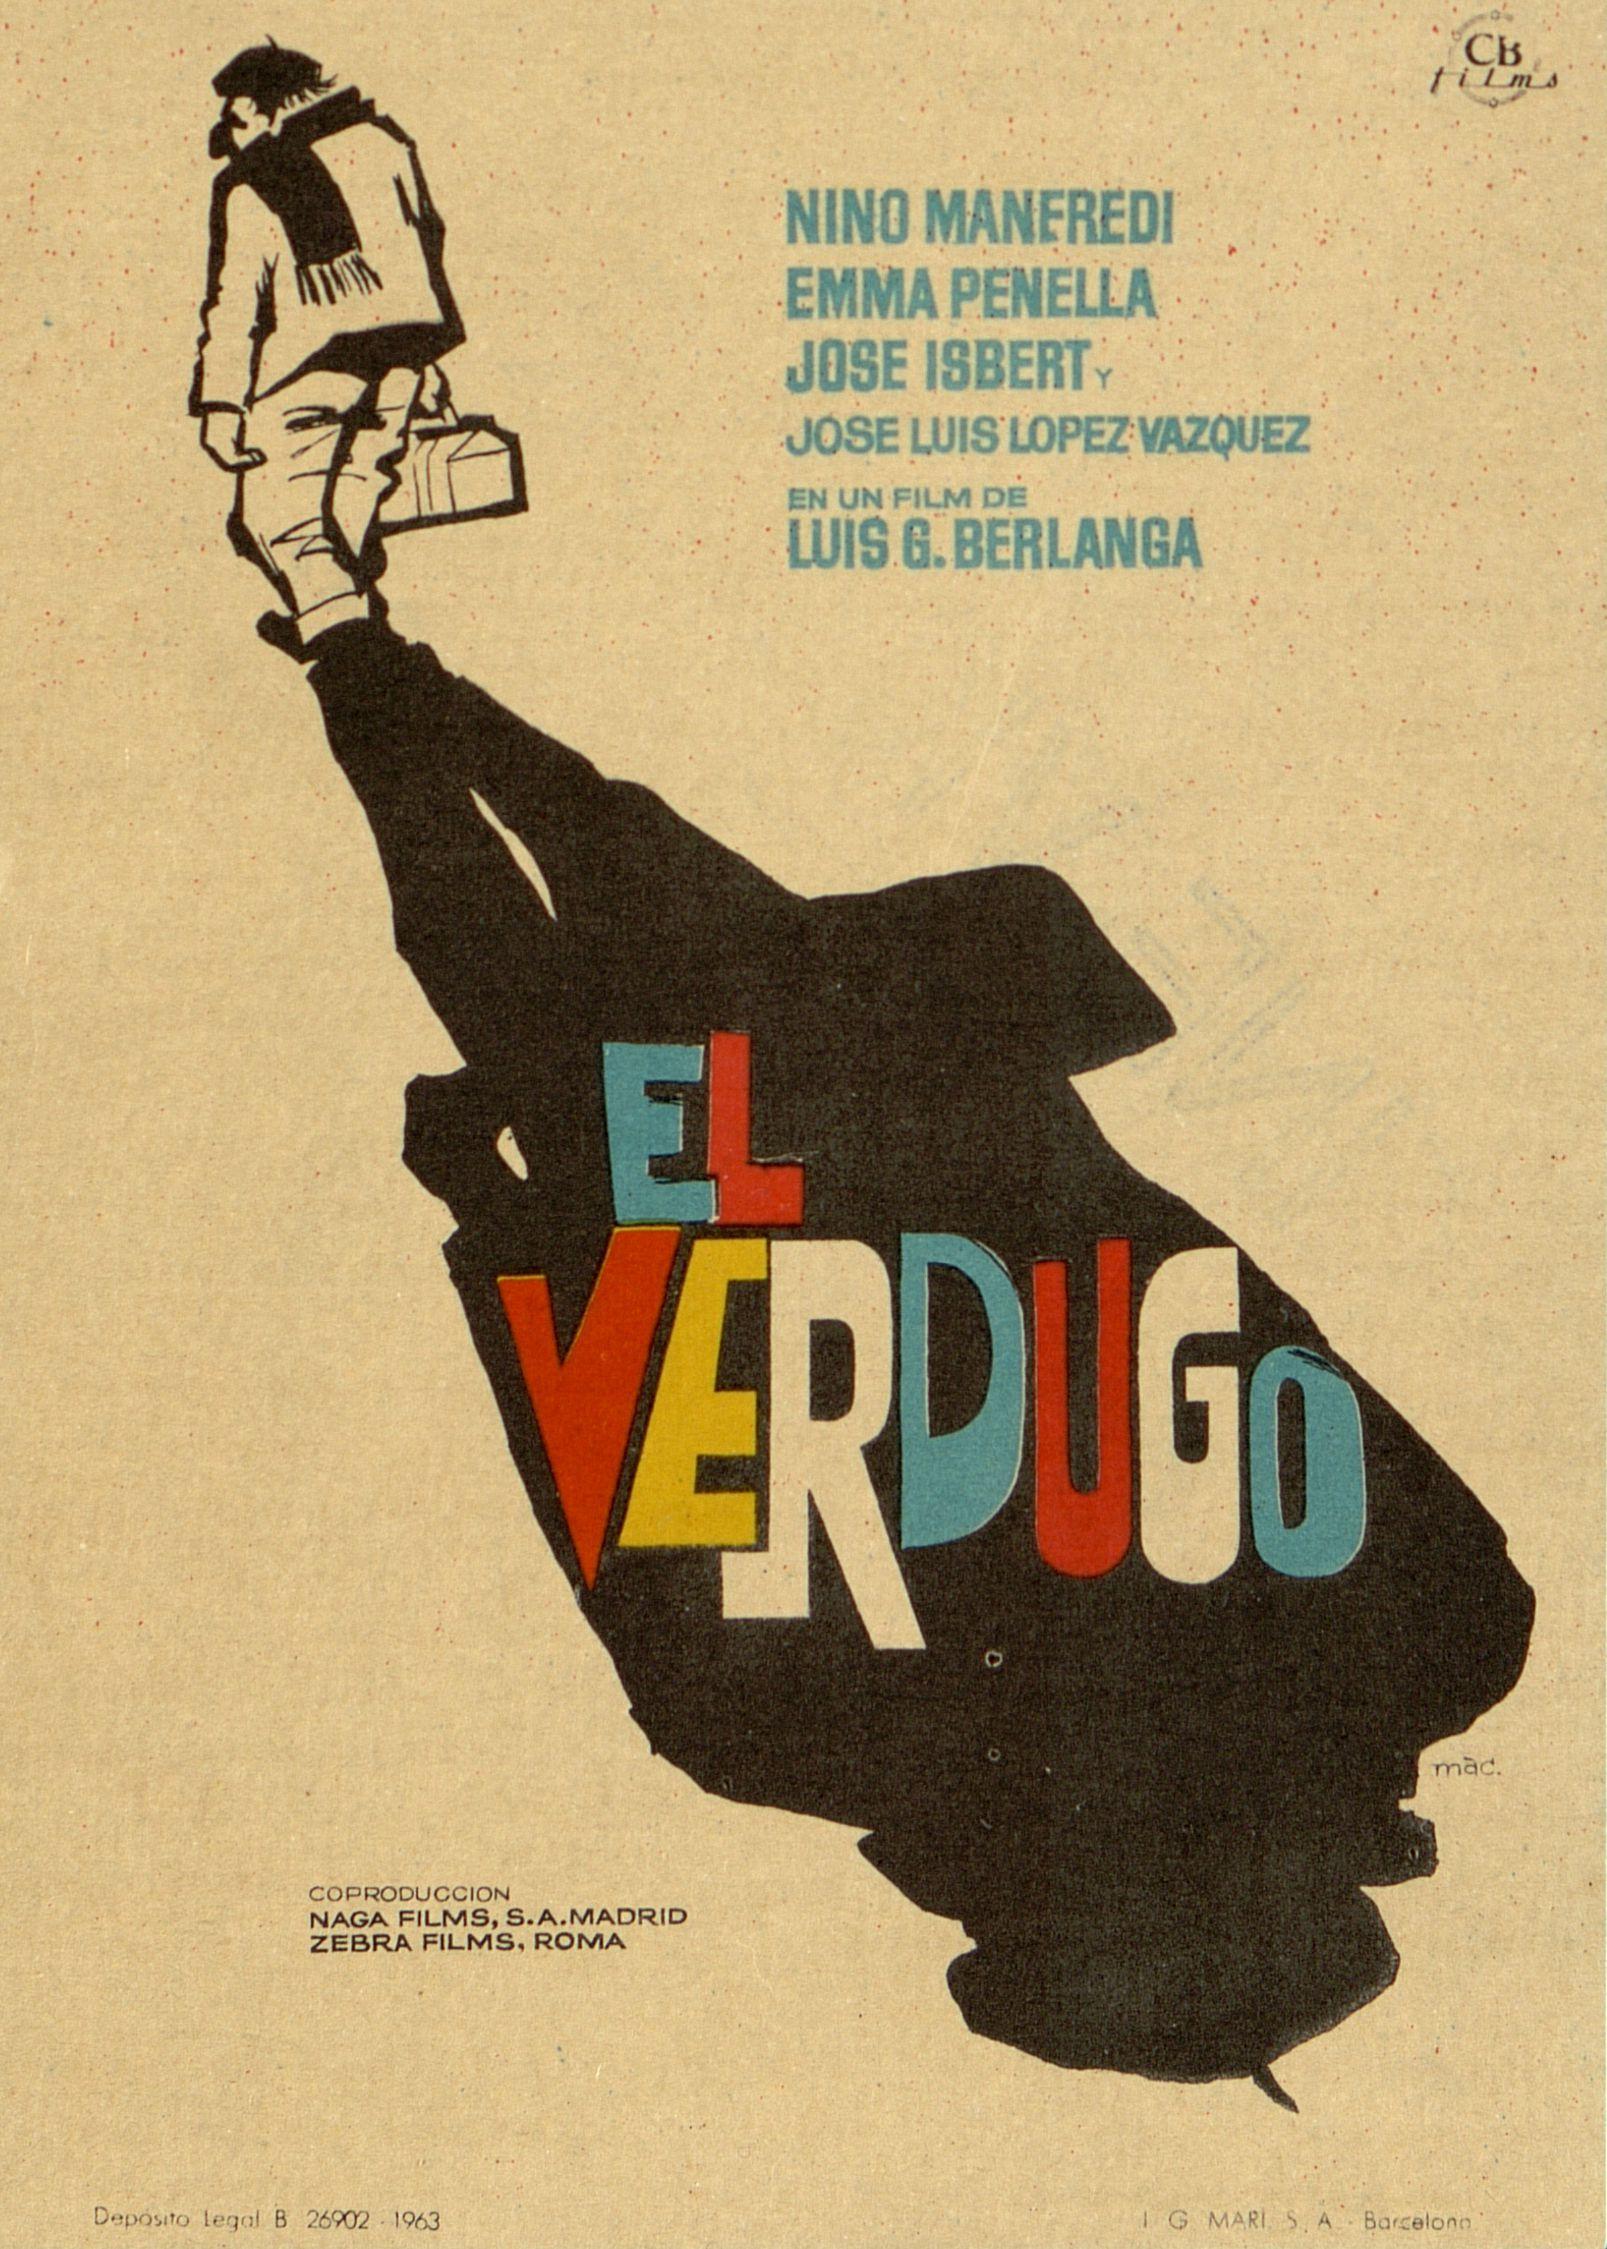 154.  MAC. El verdugo. Dirigida por Luis García Berlanga. Barcelona: I. G. Marí, 1963.  #ProgramasdeMano #BbtkULL #Diseñadores #MAC#DiadelLibro2014